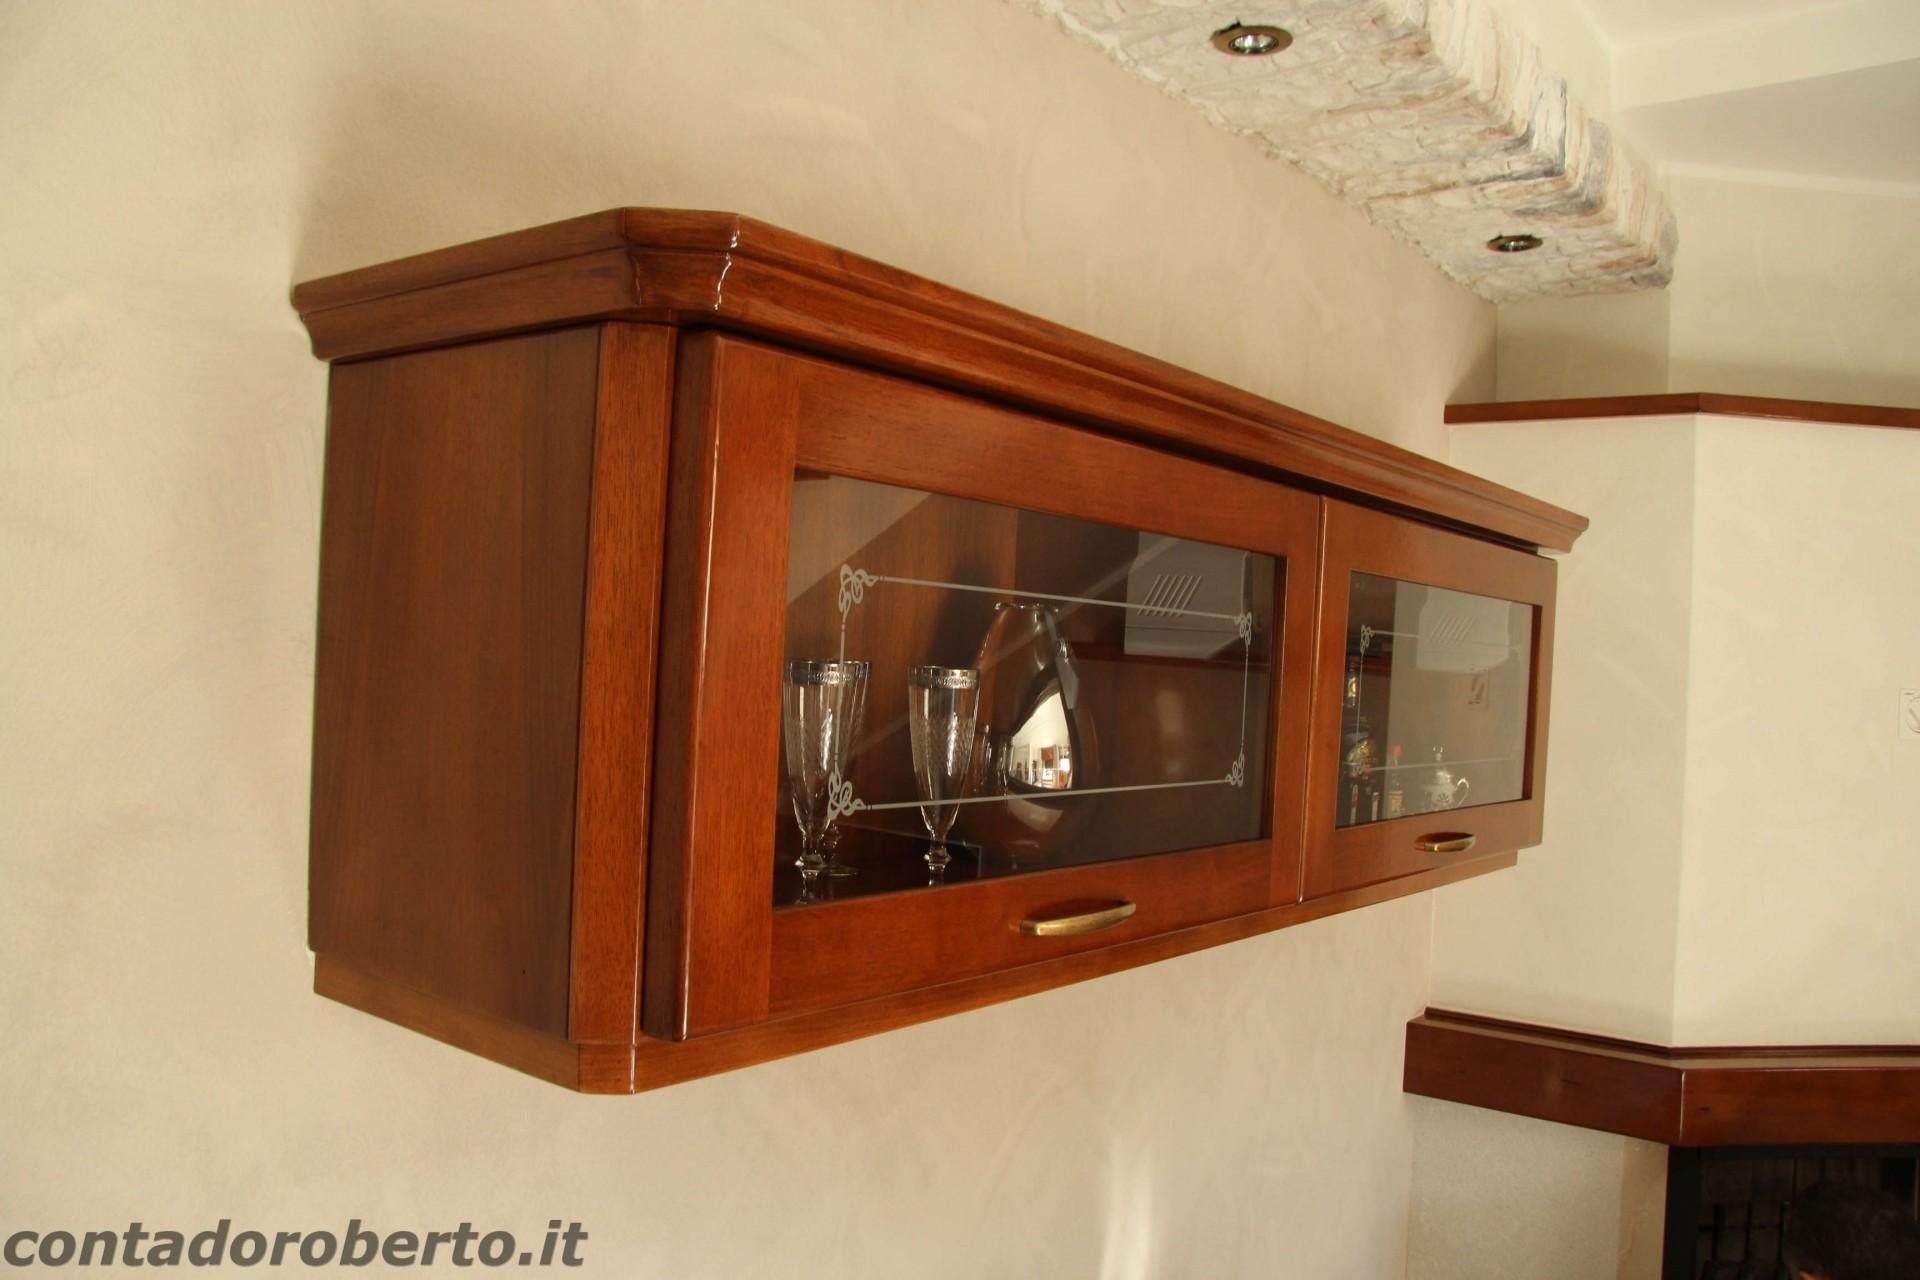 Soggiorno in Legno con Camino  Contado Roberto Group  Cucine e arredamenti su misura in legno